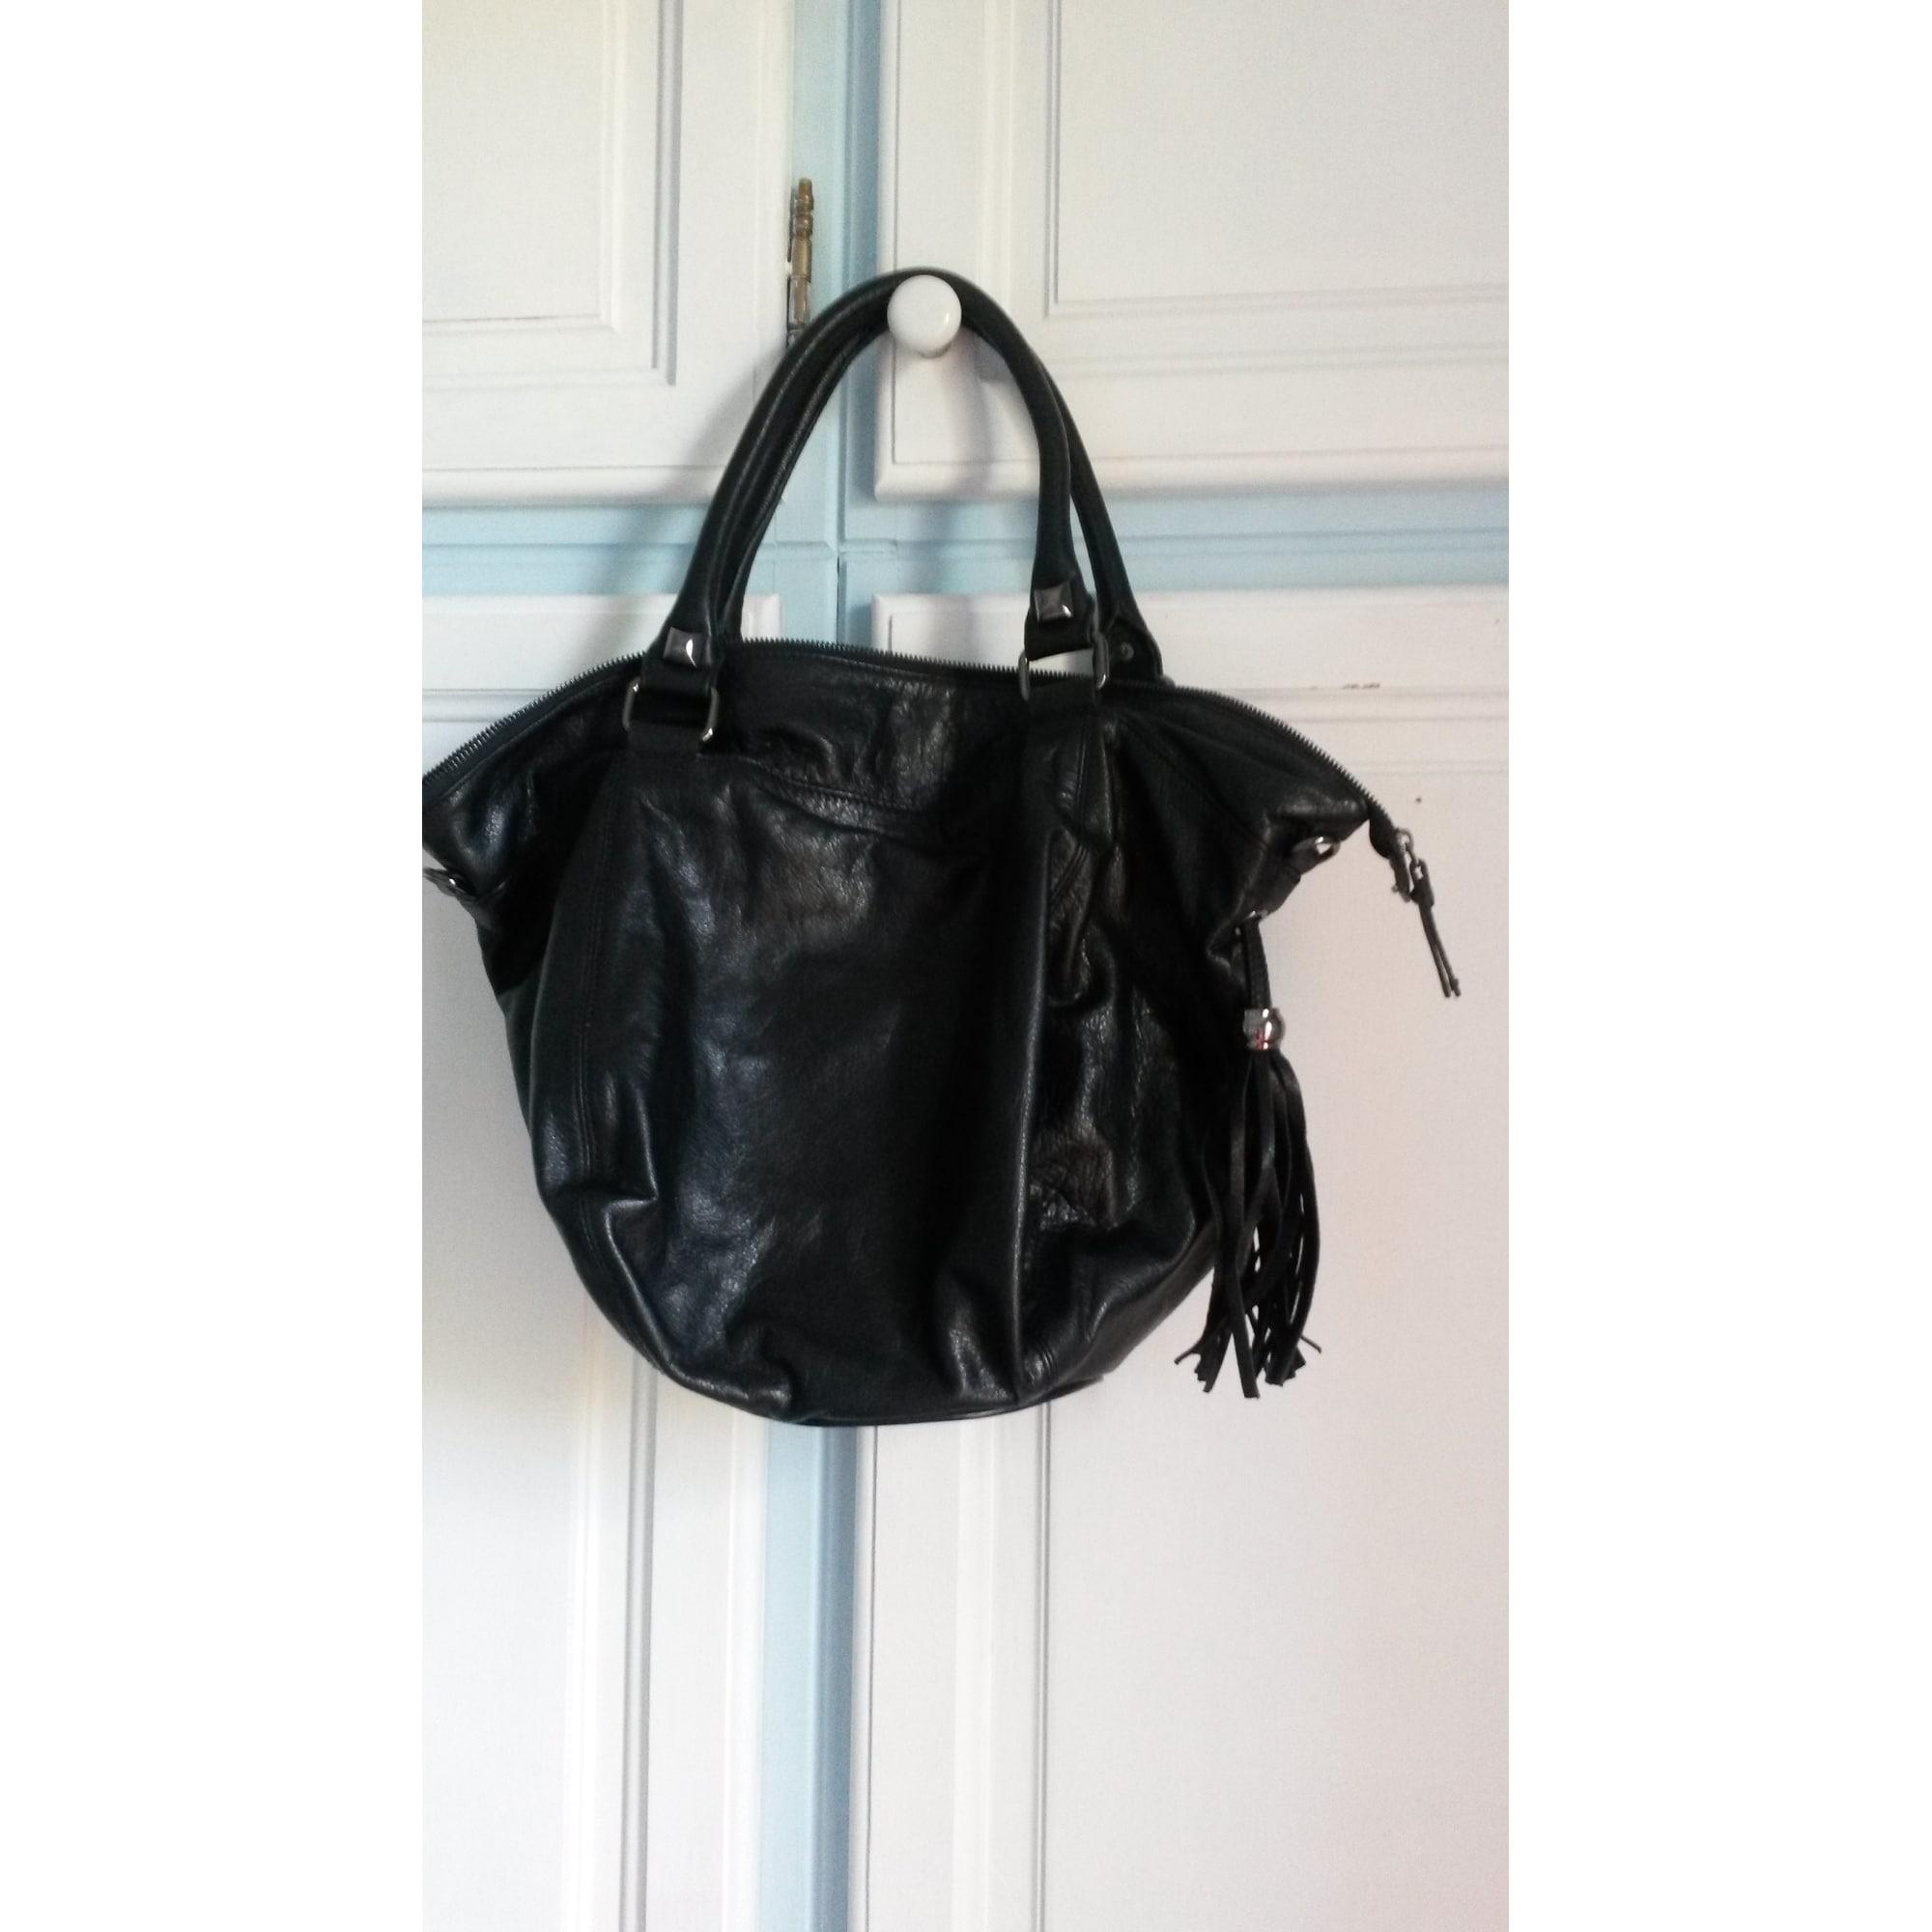 828813a75752 Sac à main en cuir CAROLL noir vendu par Taratata 8 - 2967990